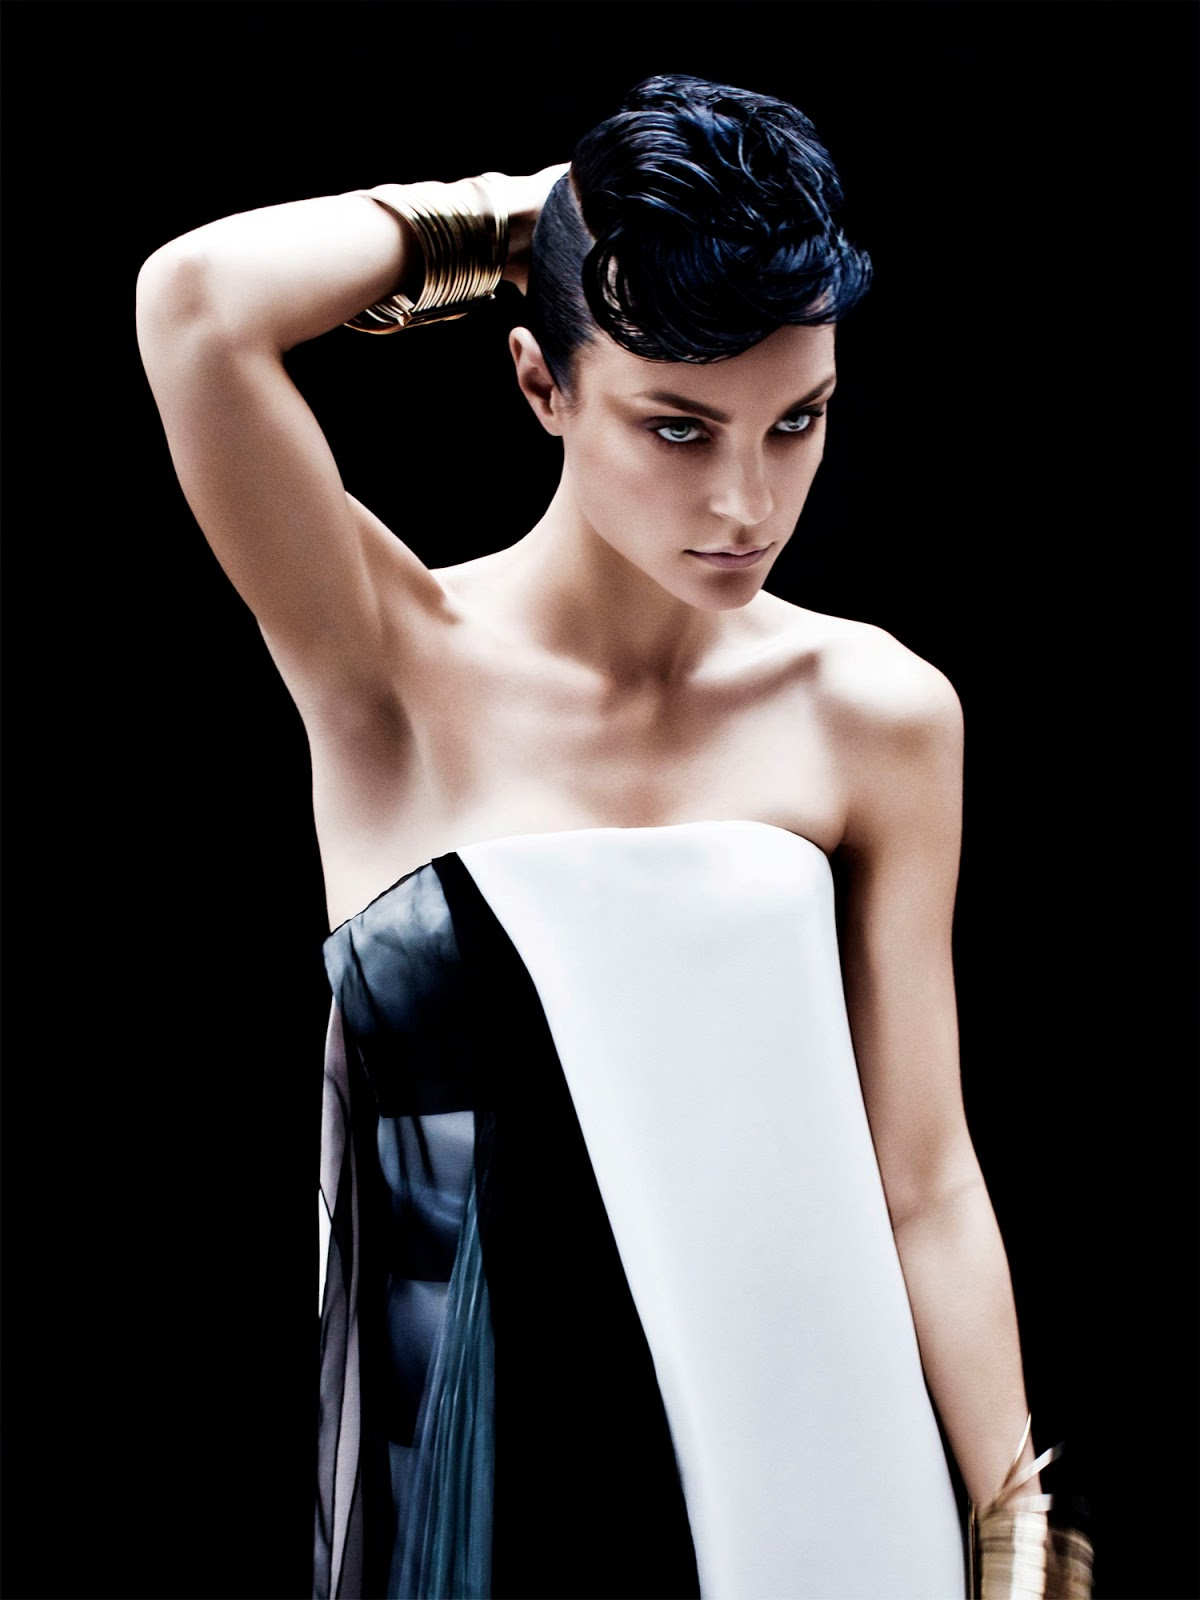 http://3.bp.blogspot.com/-_ZpMGG9HbZE/UPGih5nqBiI/AAAAAAAAfcU/6f_AB-YmJEE/s1600/Jessica+Stam+by+Victor+Demarchelier+%2528An+Inspiring+Generation+-+Vogue+Japan+February+2013%2529.jpg